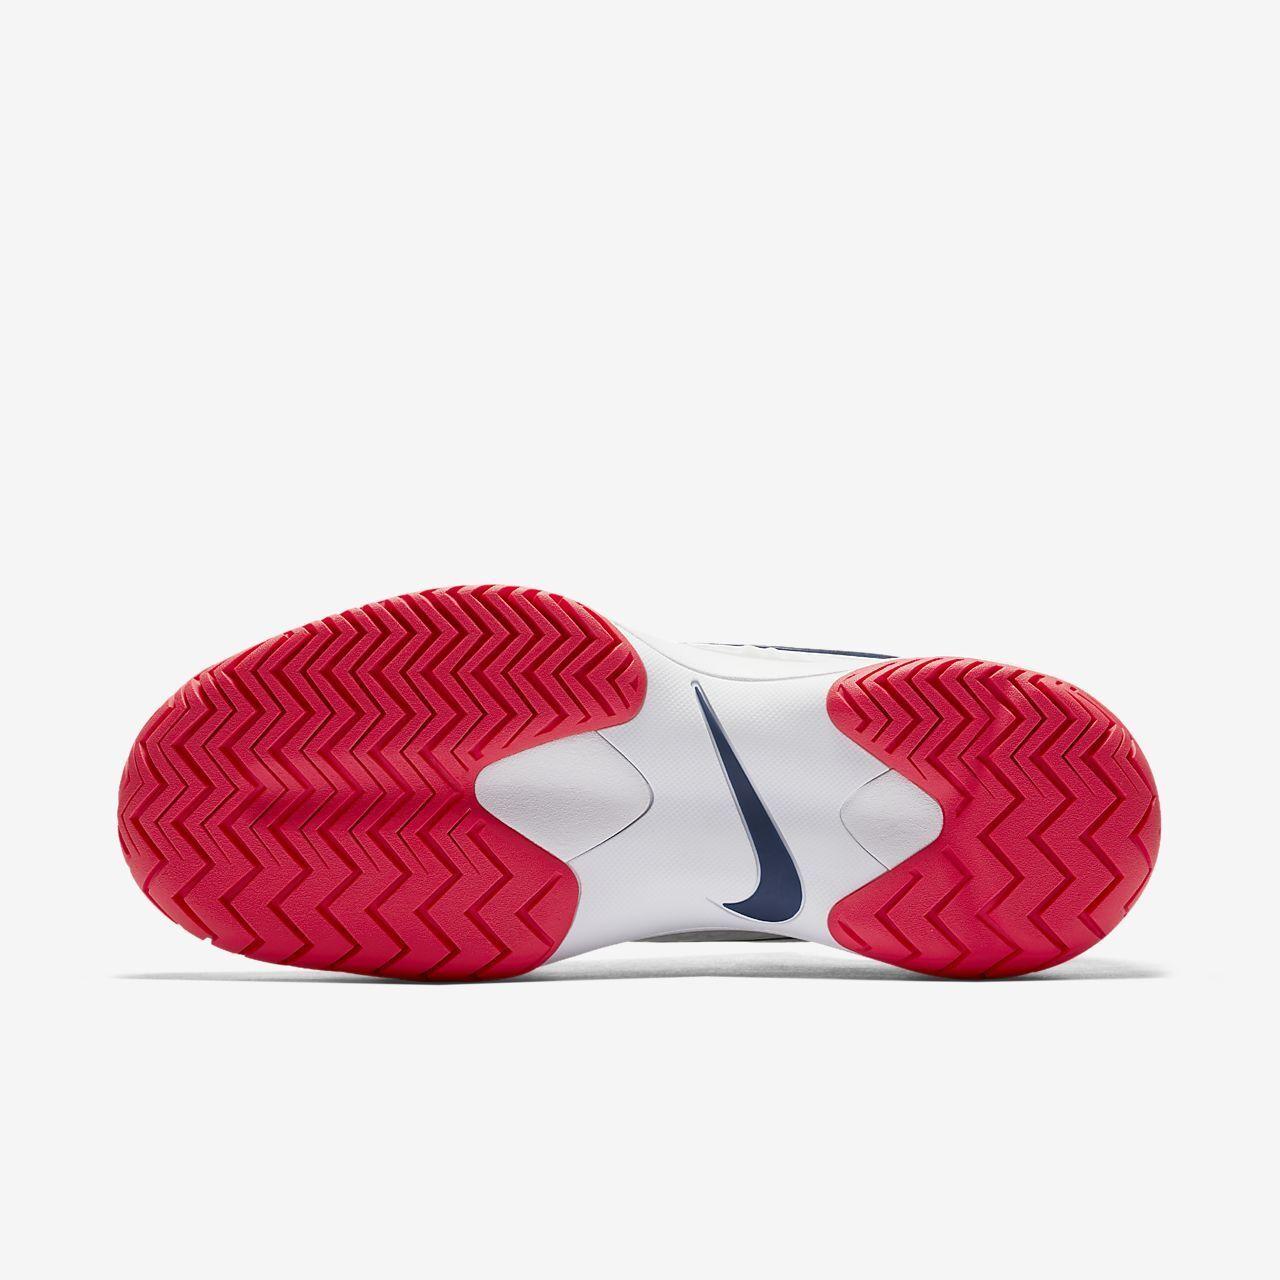 Nike air zoom gabbia 3 hc - donne | Fashionable  Fashionable  Fashionable  d70bcb